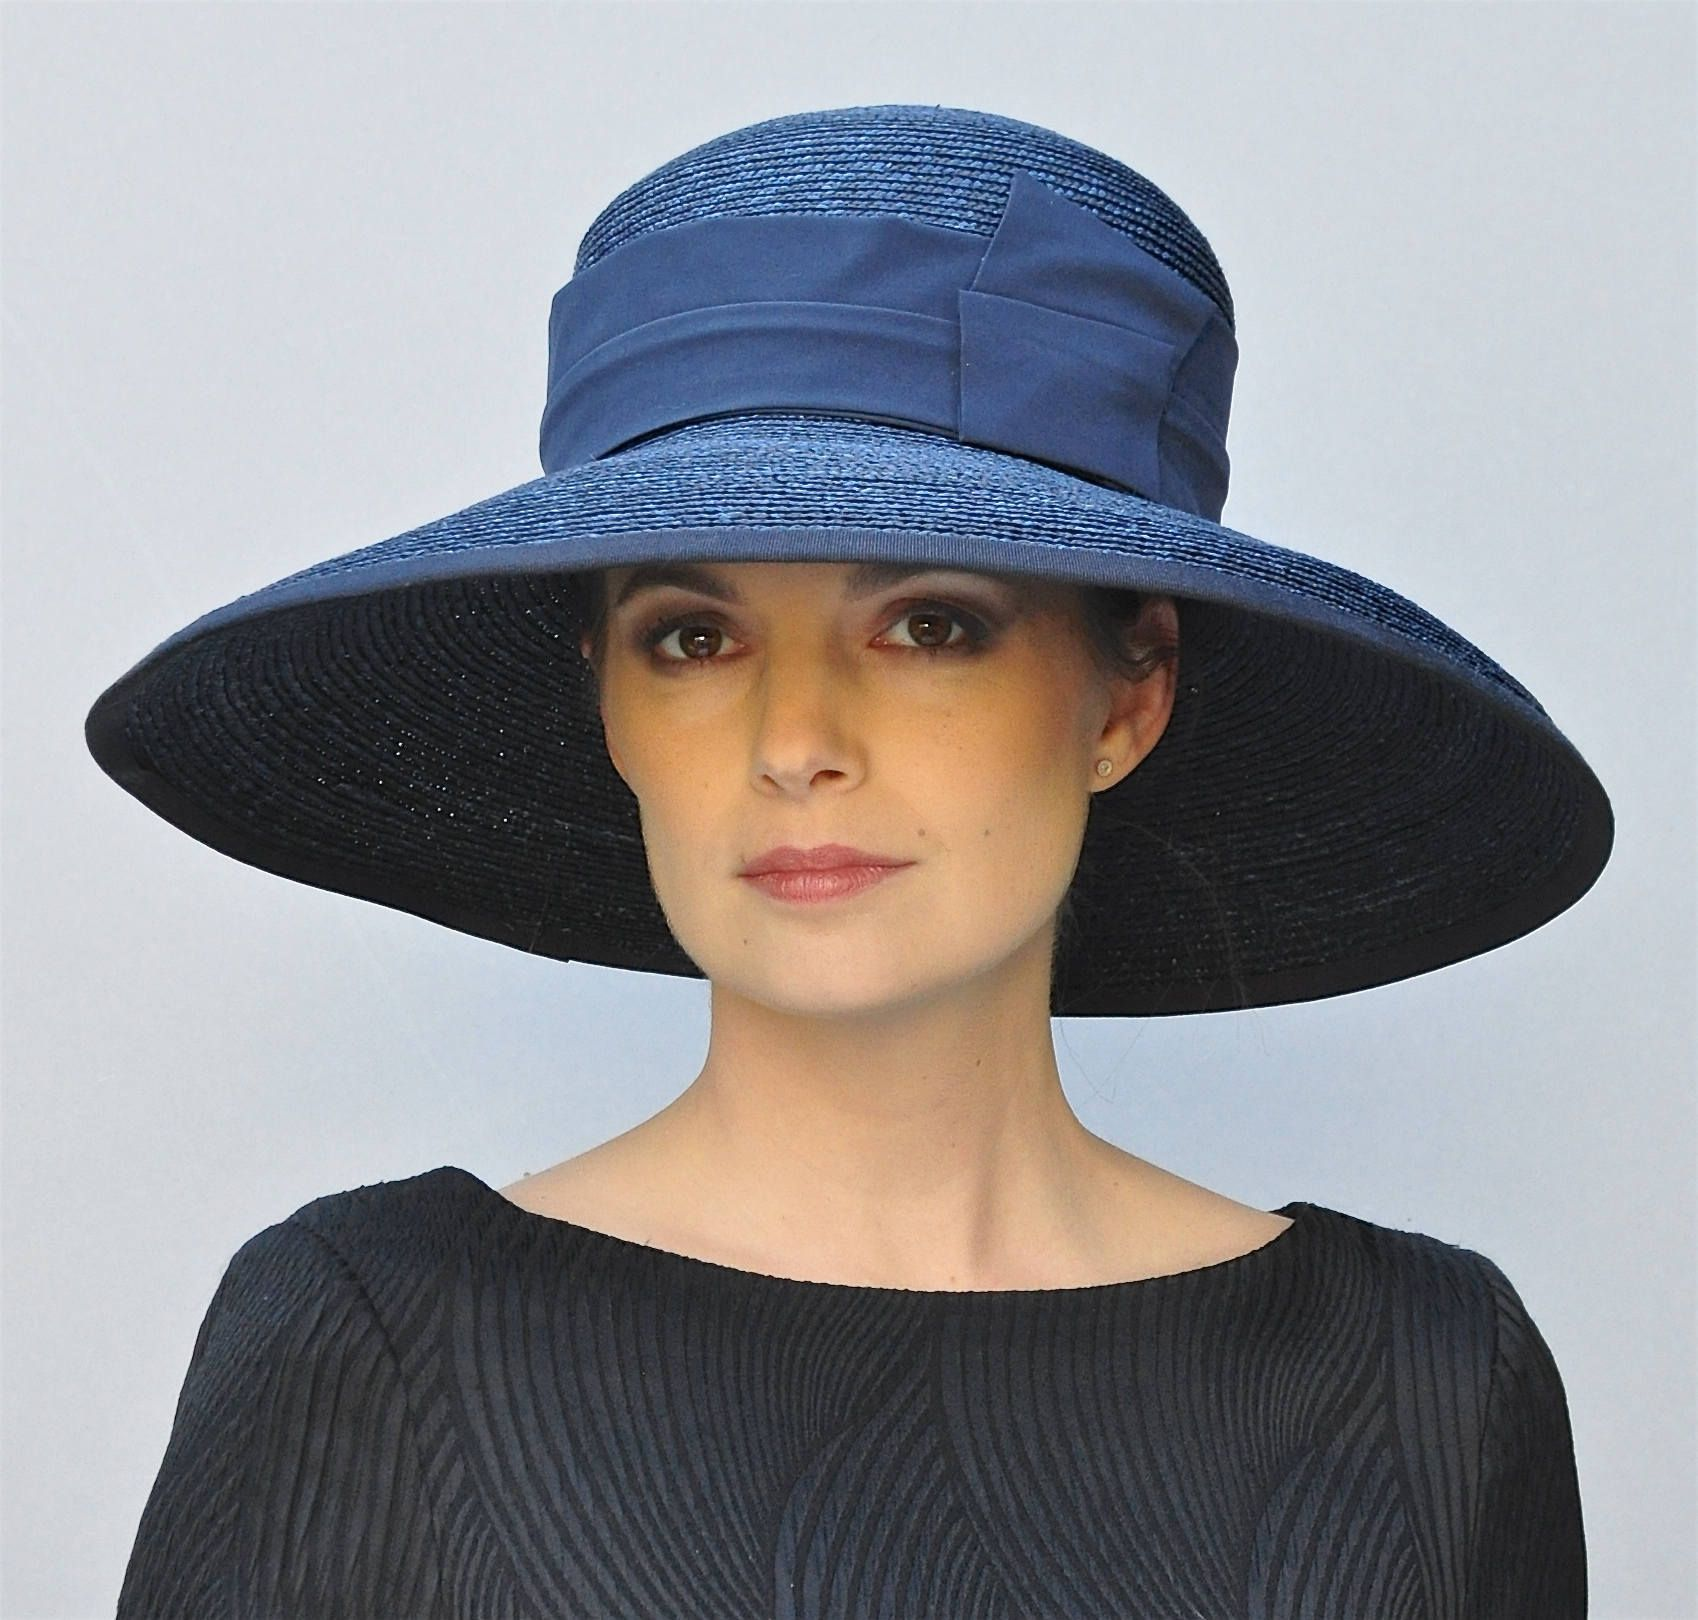 fd2d2d2d5f82c Wide Brim Navy Blue Hat